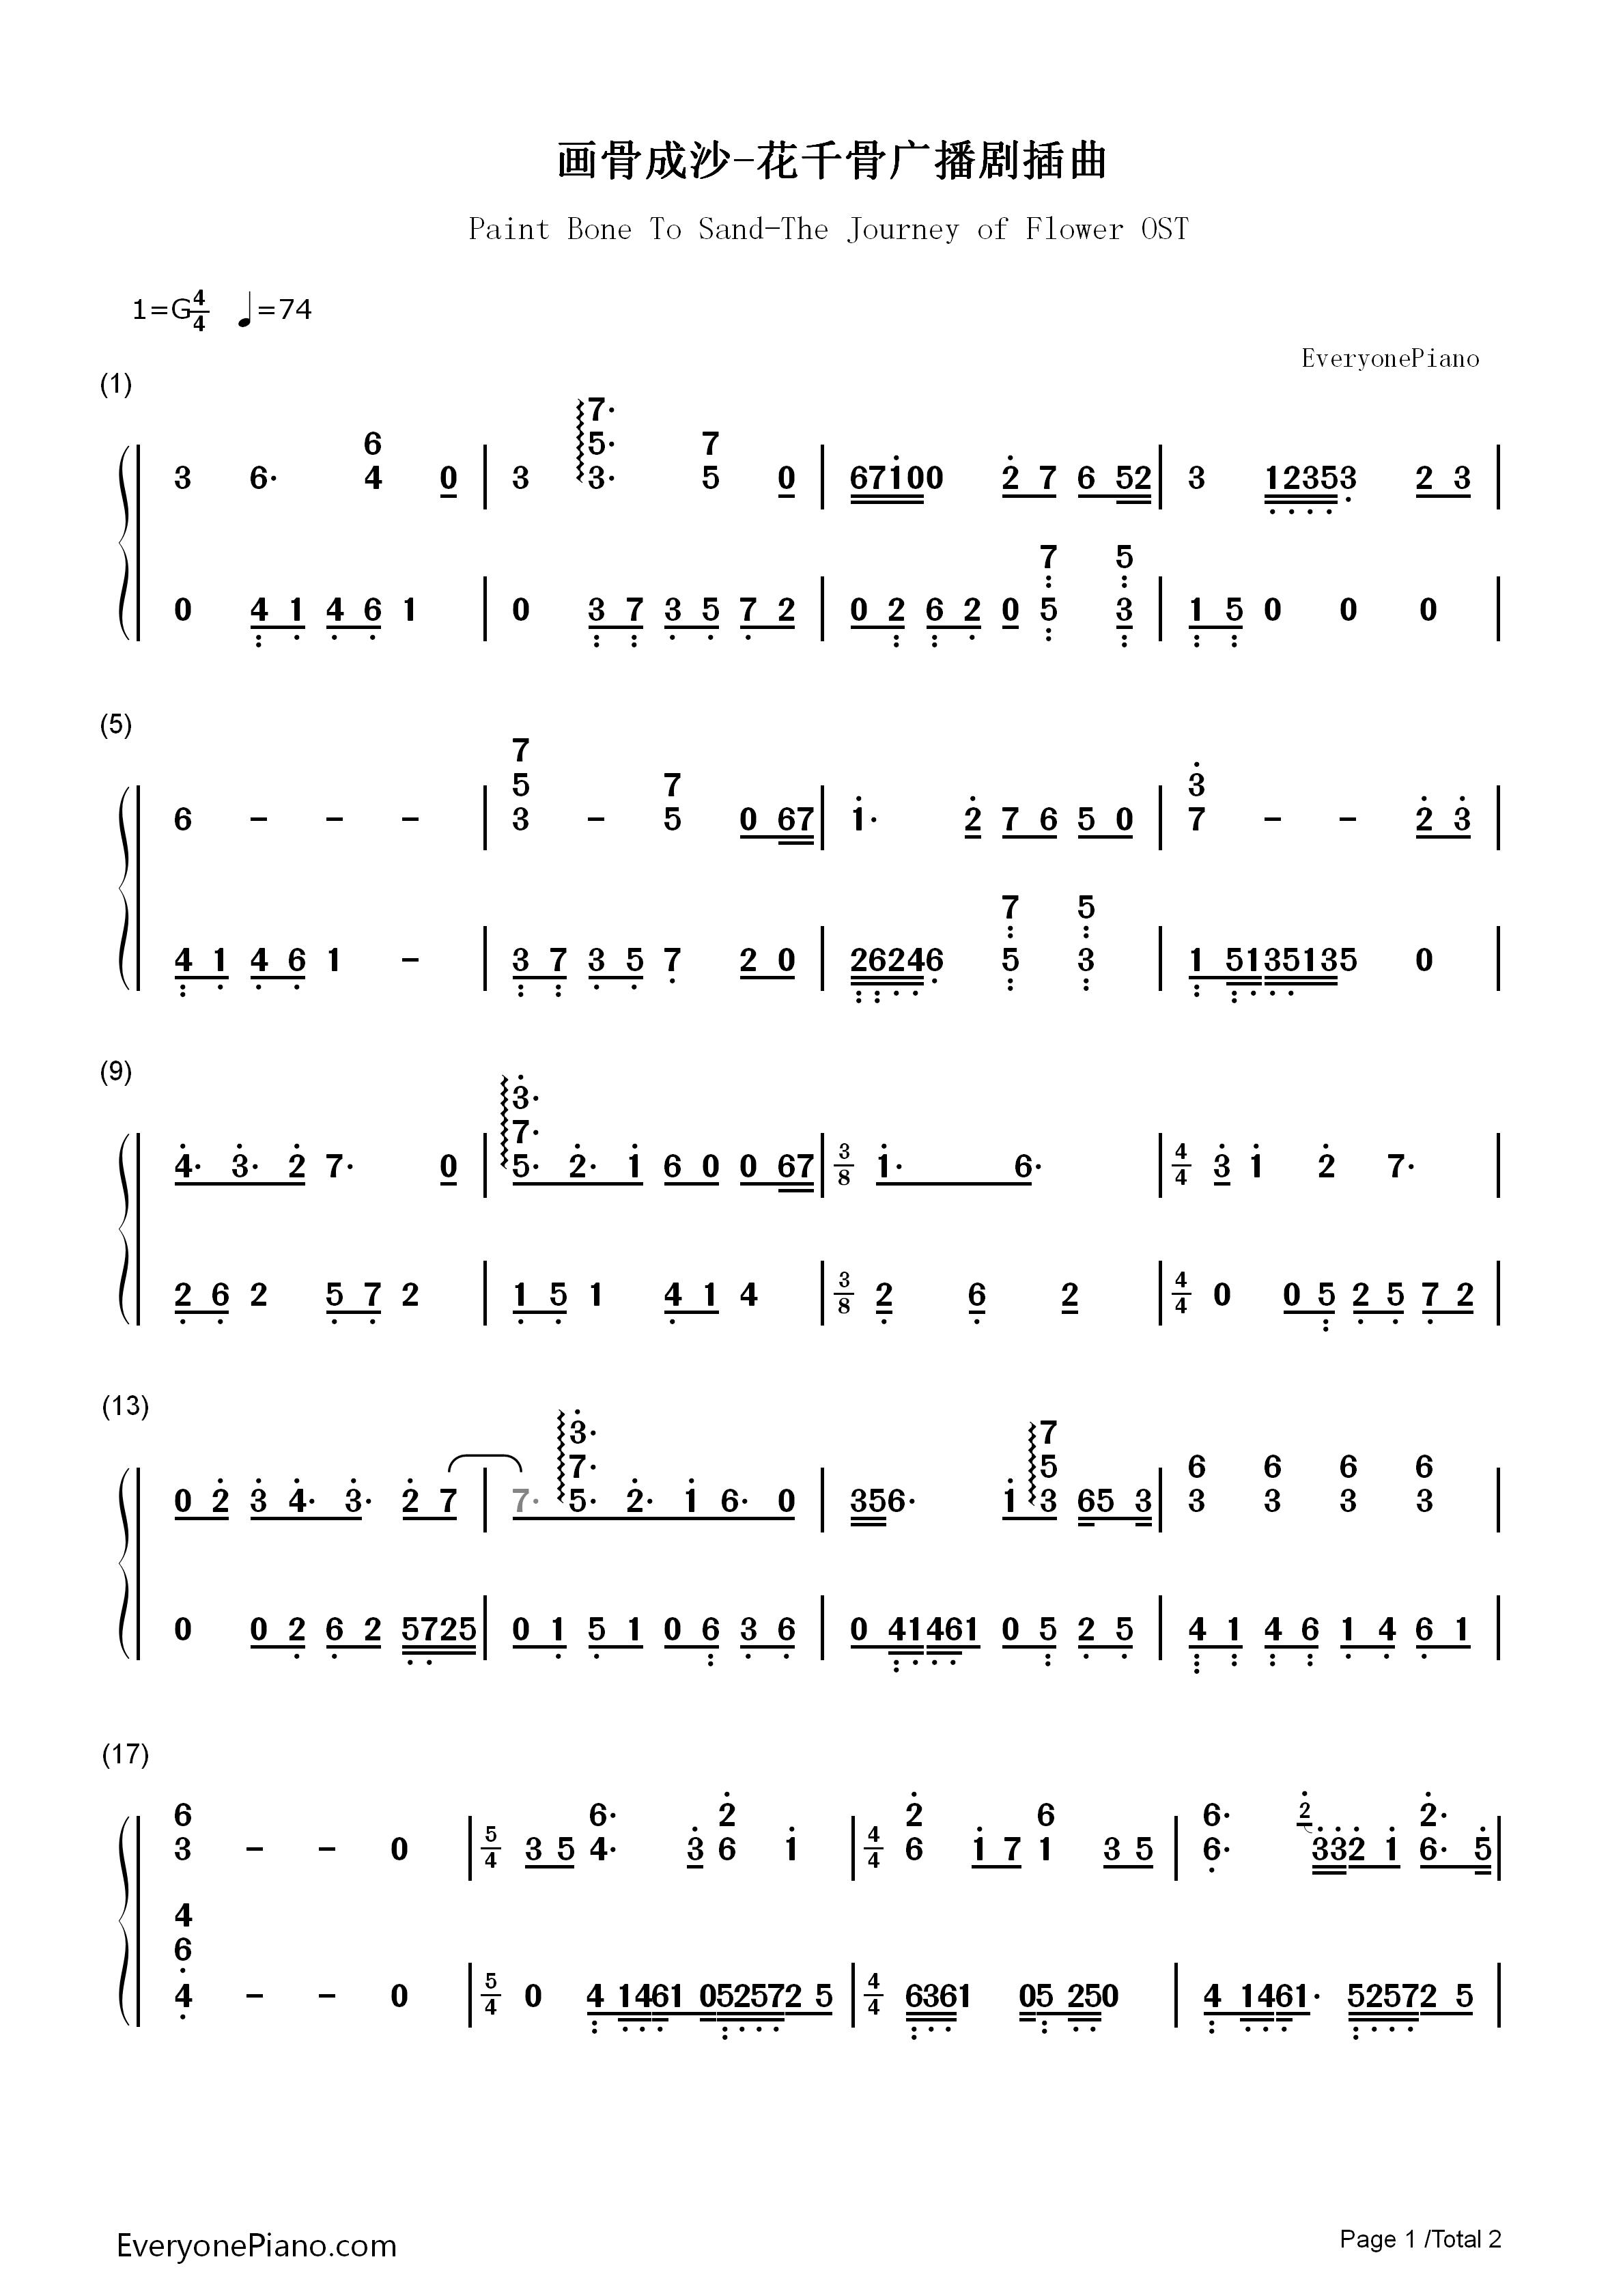 钢琴曲谱 流行 画骨成沙-仙侠奇缘之花千骨插曲 画骨成沙-仙侠奇缘之